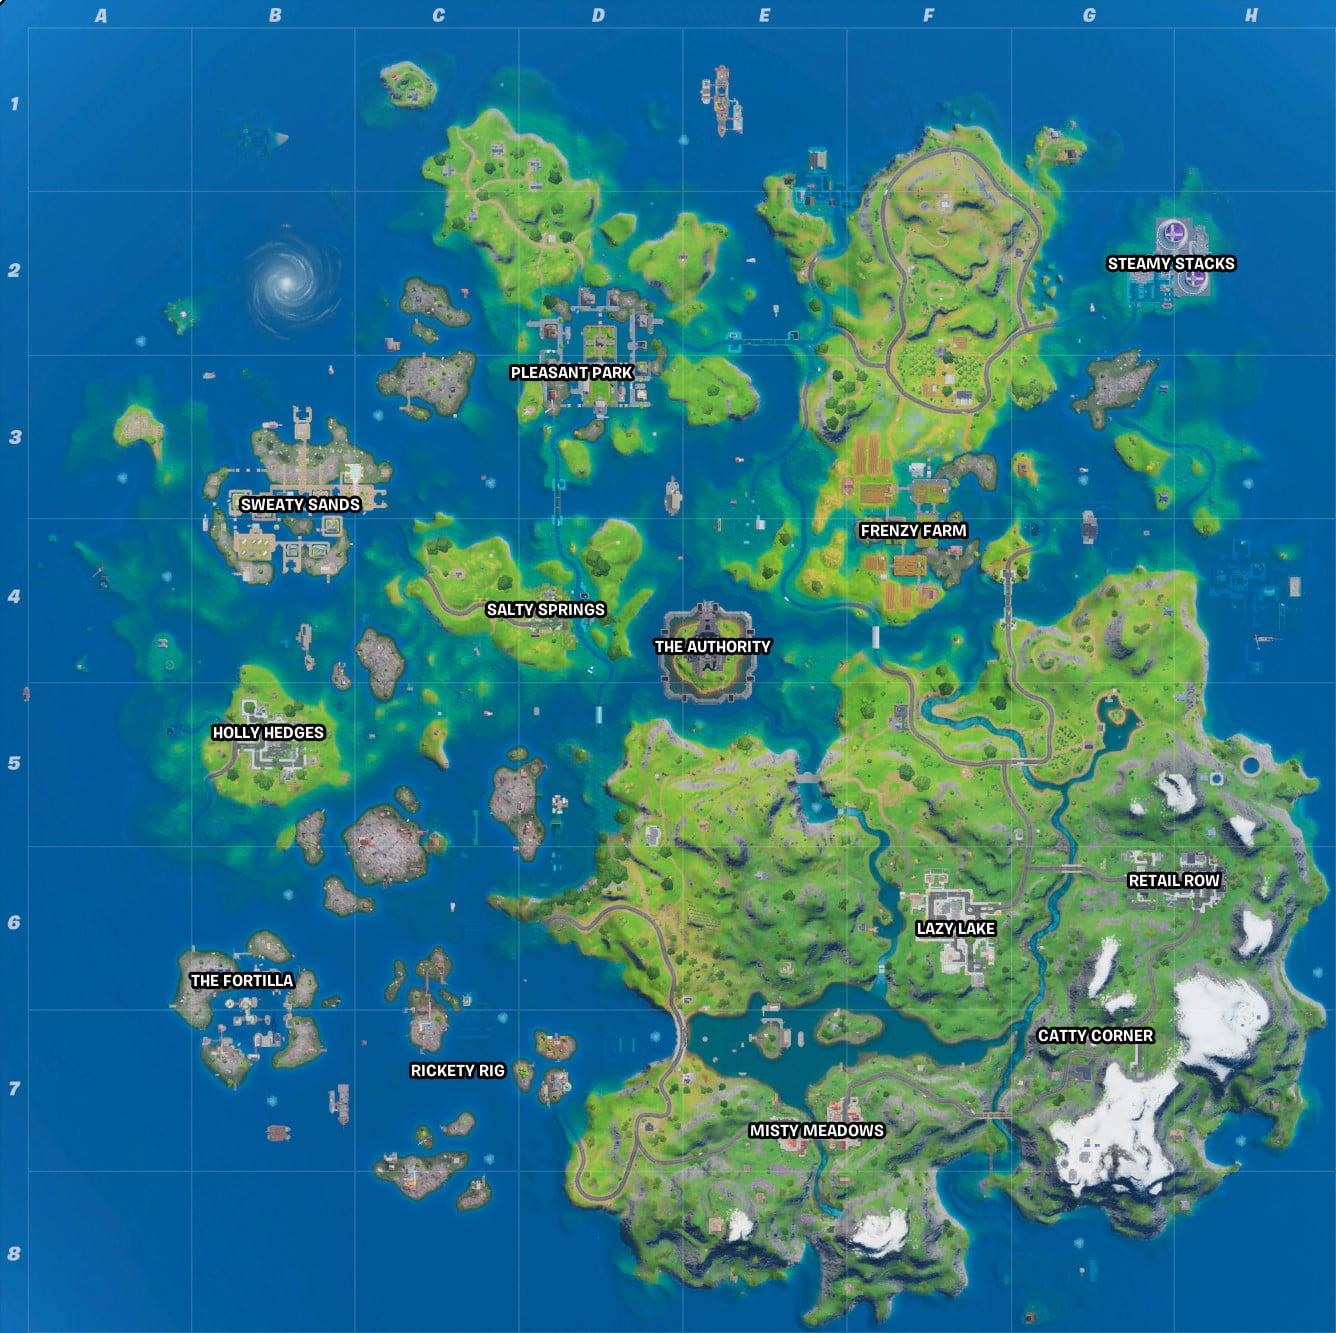 Fortnite Chapter 2 Season 2 Vs Season 3 Map Comparison Fortnite map change concept   fortnite insider. fortnite chapter 2 season 2 vs season